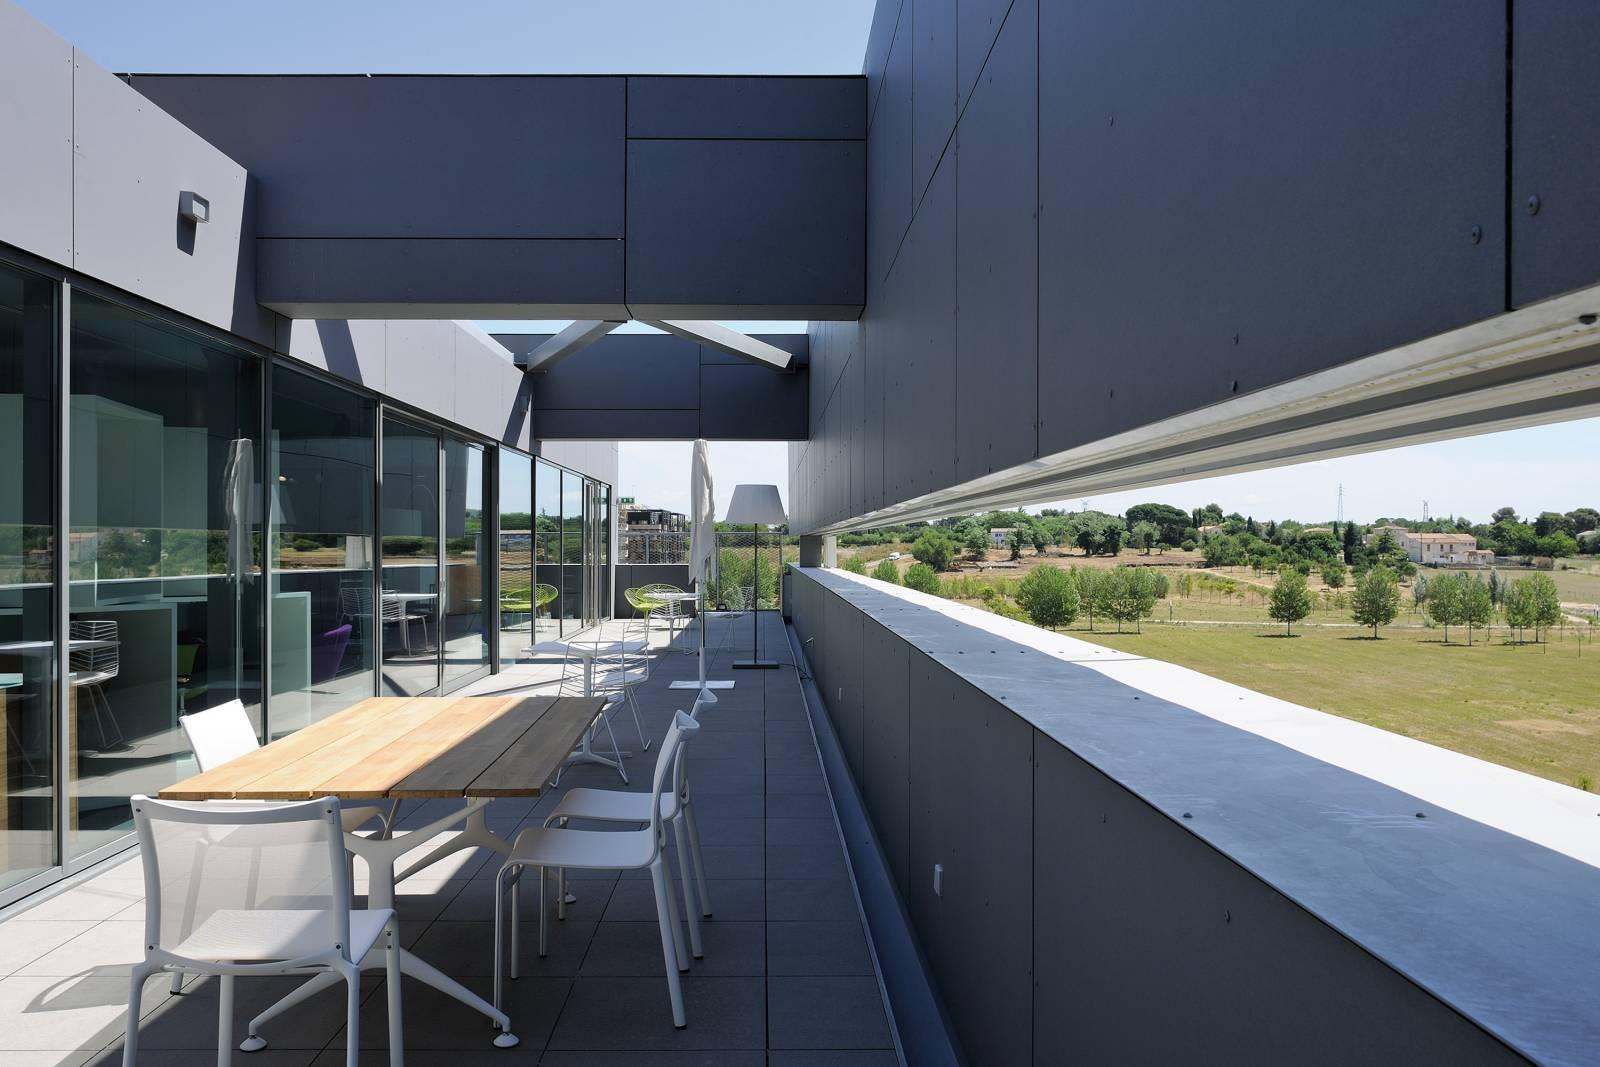 Rbc design center ateliers jean nouvel for Jean nouvel design